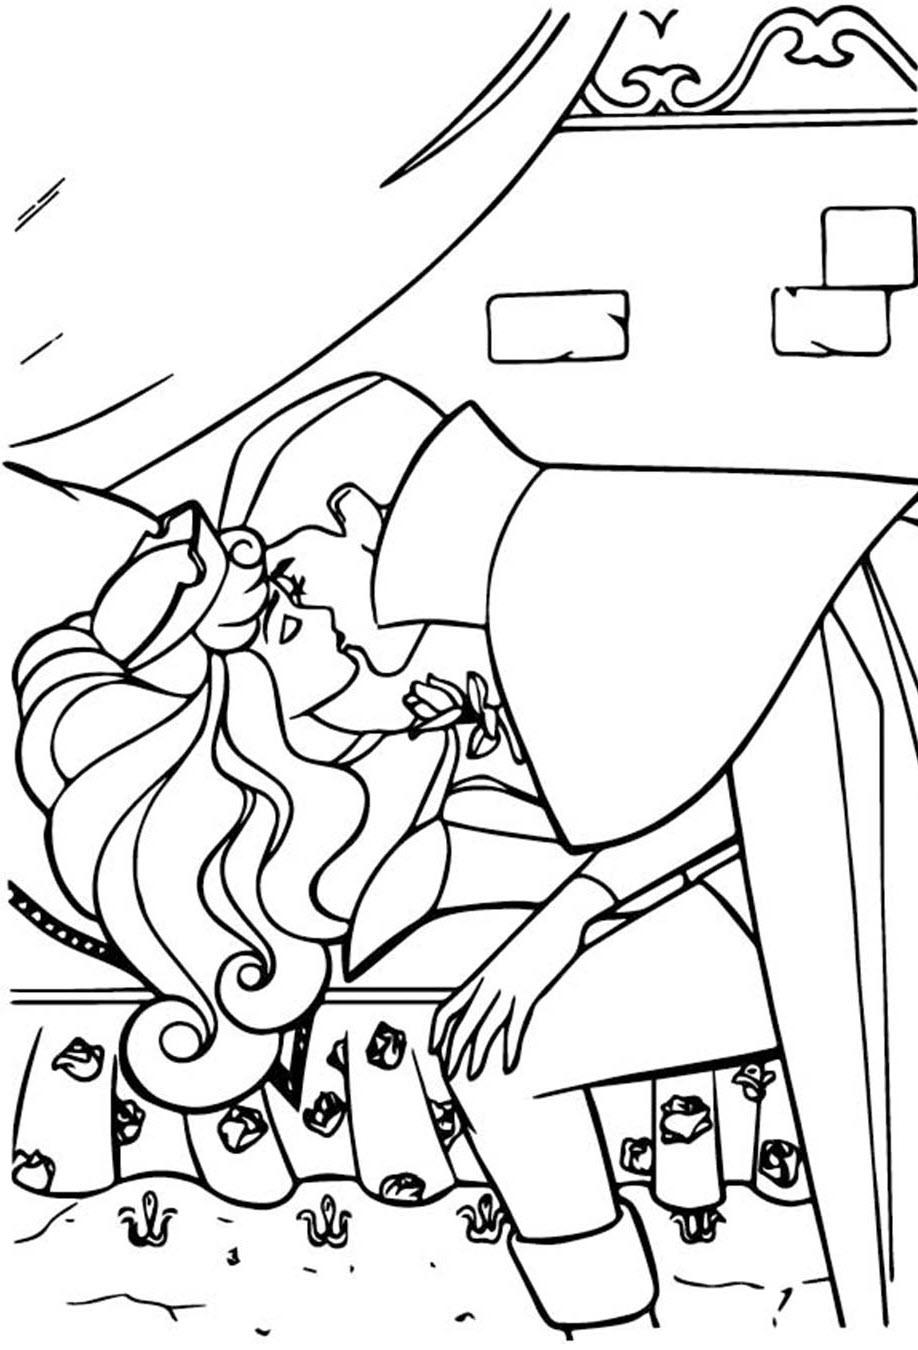 Tranh tô màu công chúa ngủ trong rừng và nụ hôn hoàng tử